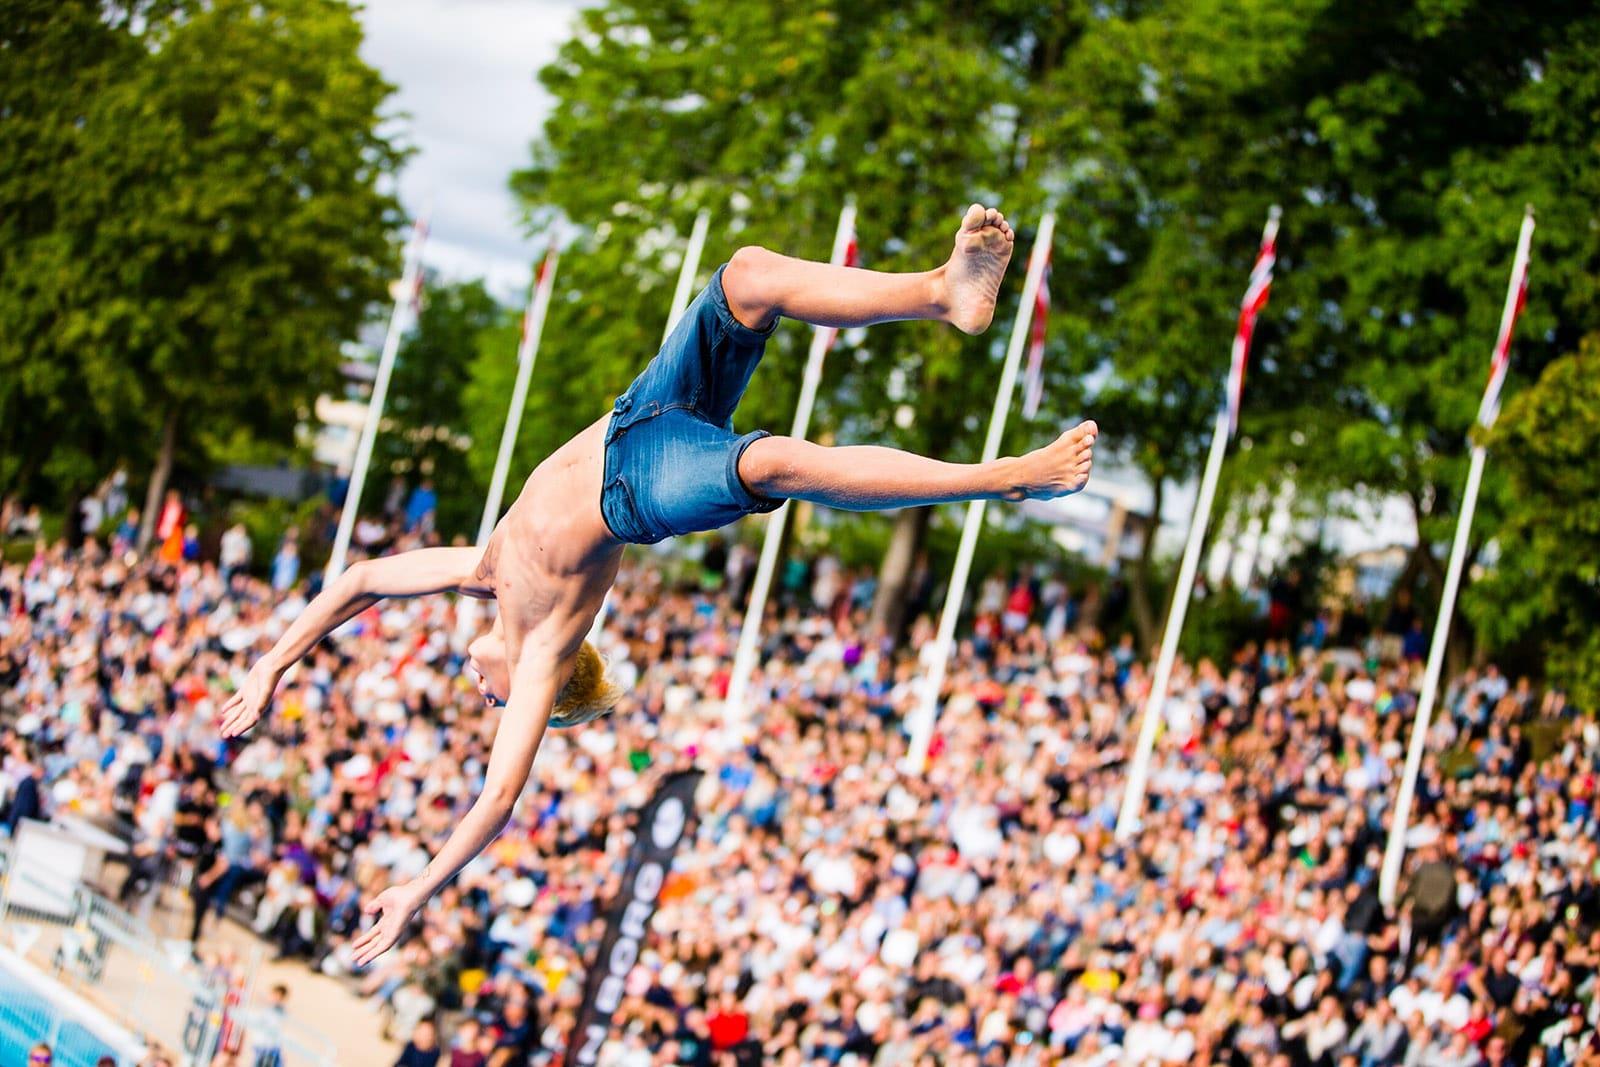 VM i døds arrangeres førstkommende lørdag i Frognerparken, stedet hvor sporten ble oppfunnet. Foto: Dag Oliver / relaxedsports.com